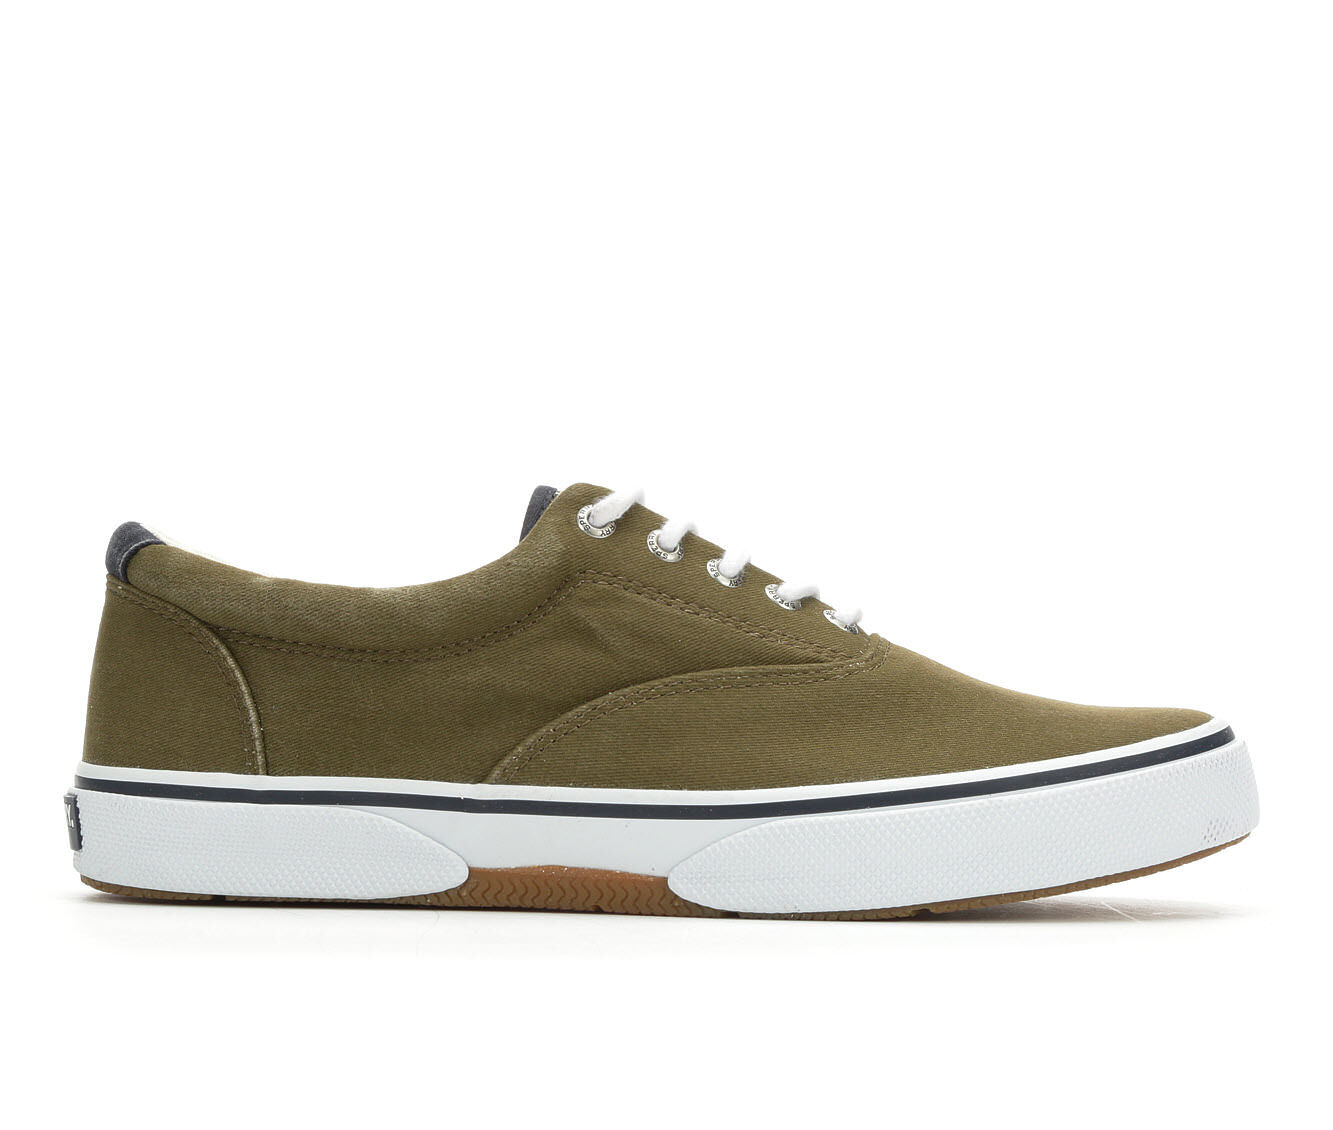 Men's Sperry Halyard CVO Saltwash Casual Shoes Dark Olive